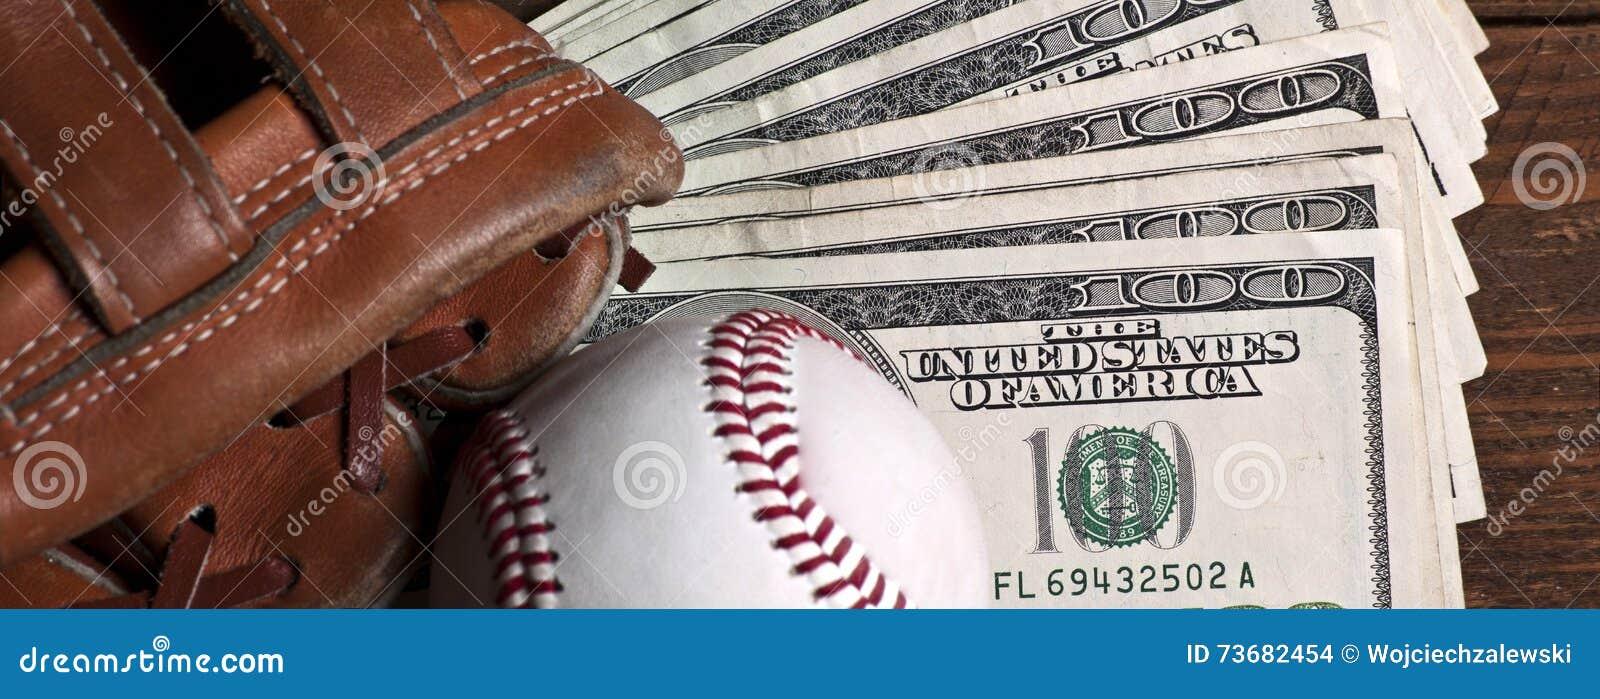 Baseballa piłka, rękawiczka i pieniądze na drewnianym stole,